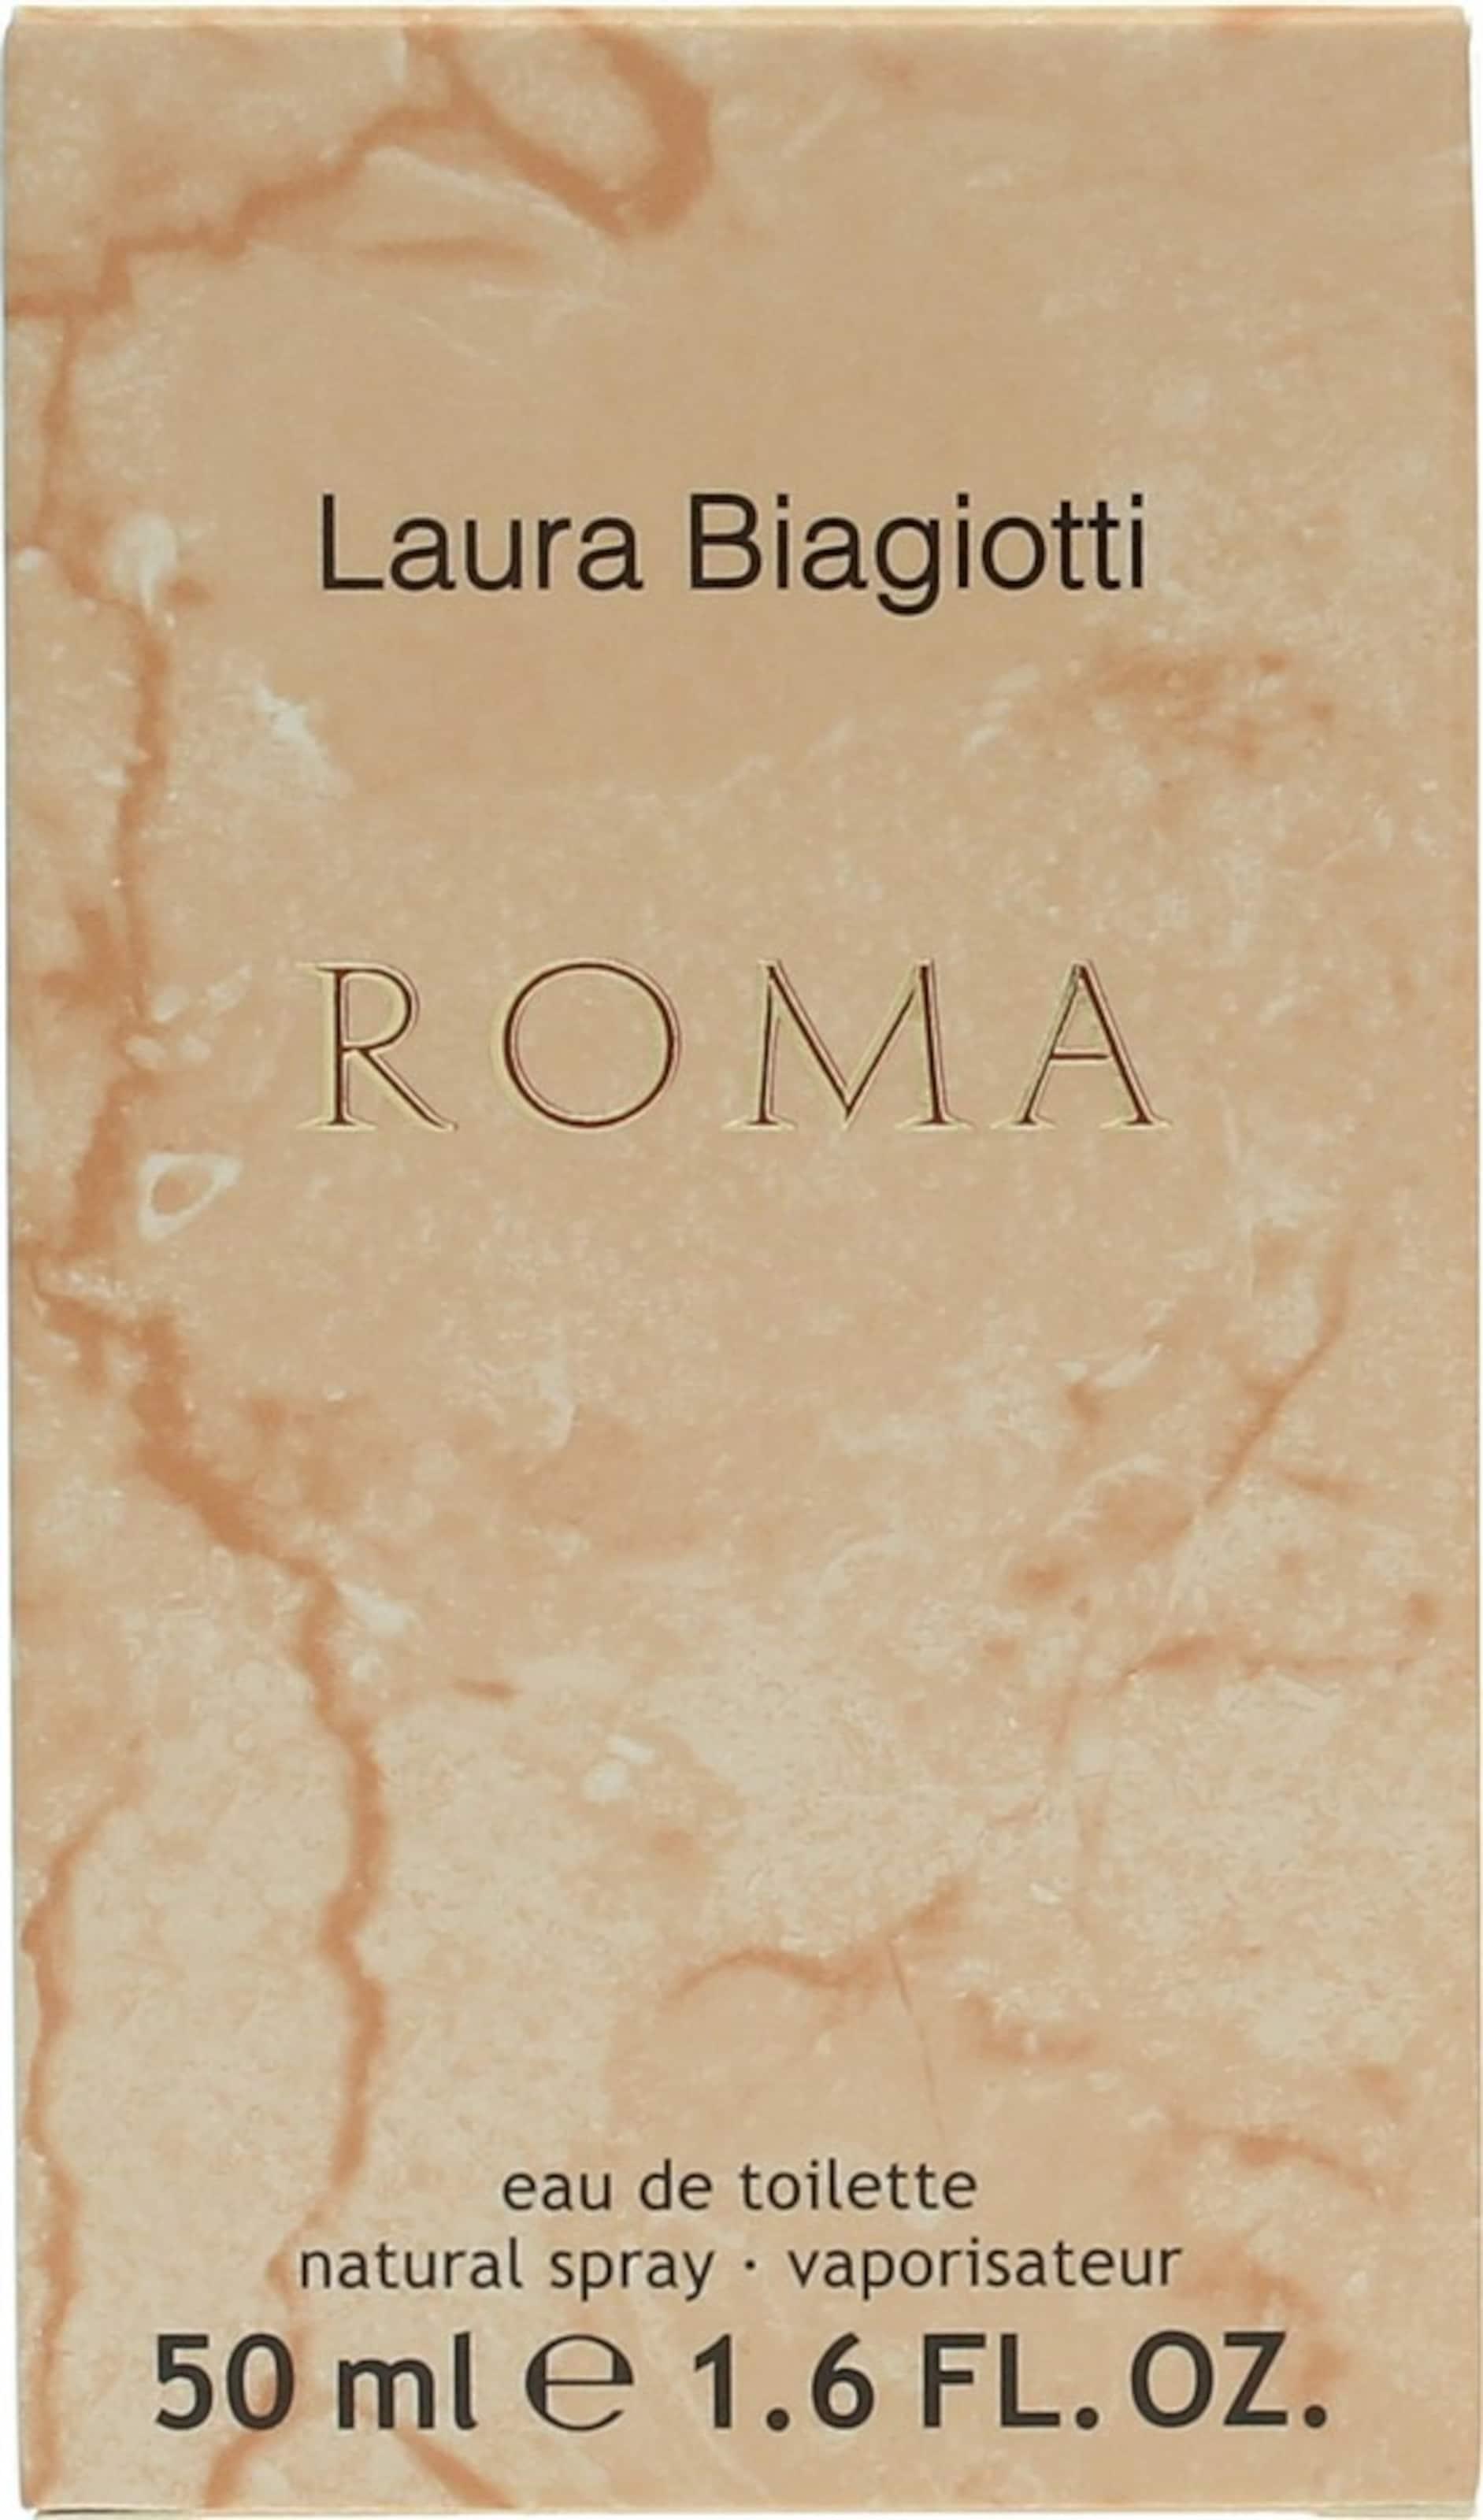 Laura De 'roma' Toilette Pastellorange Eau Biagiotti In 4R35LAjq